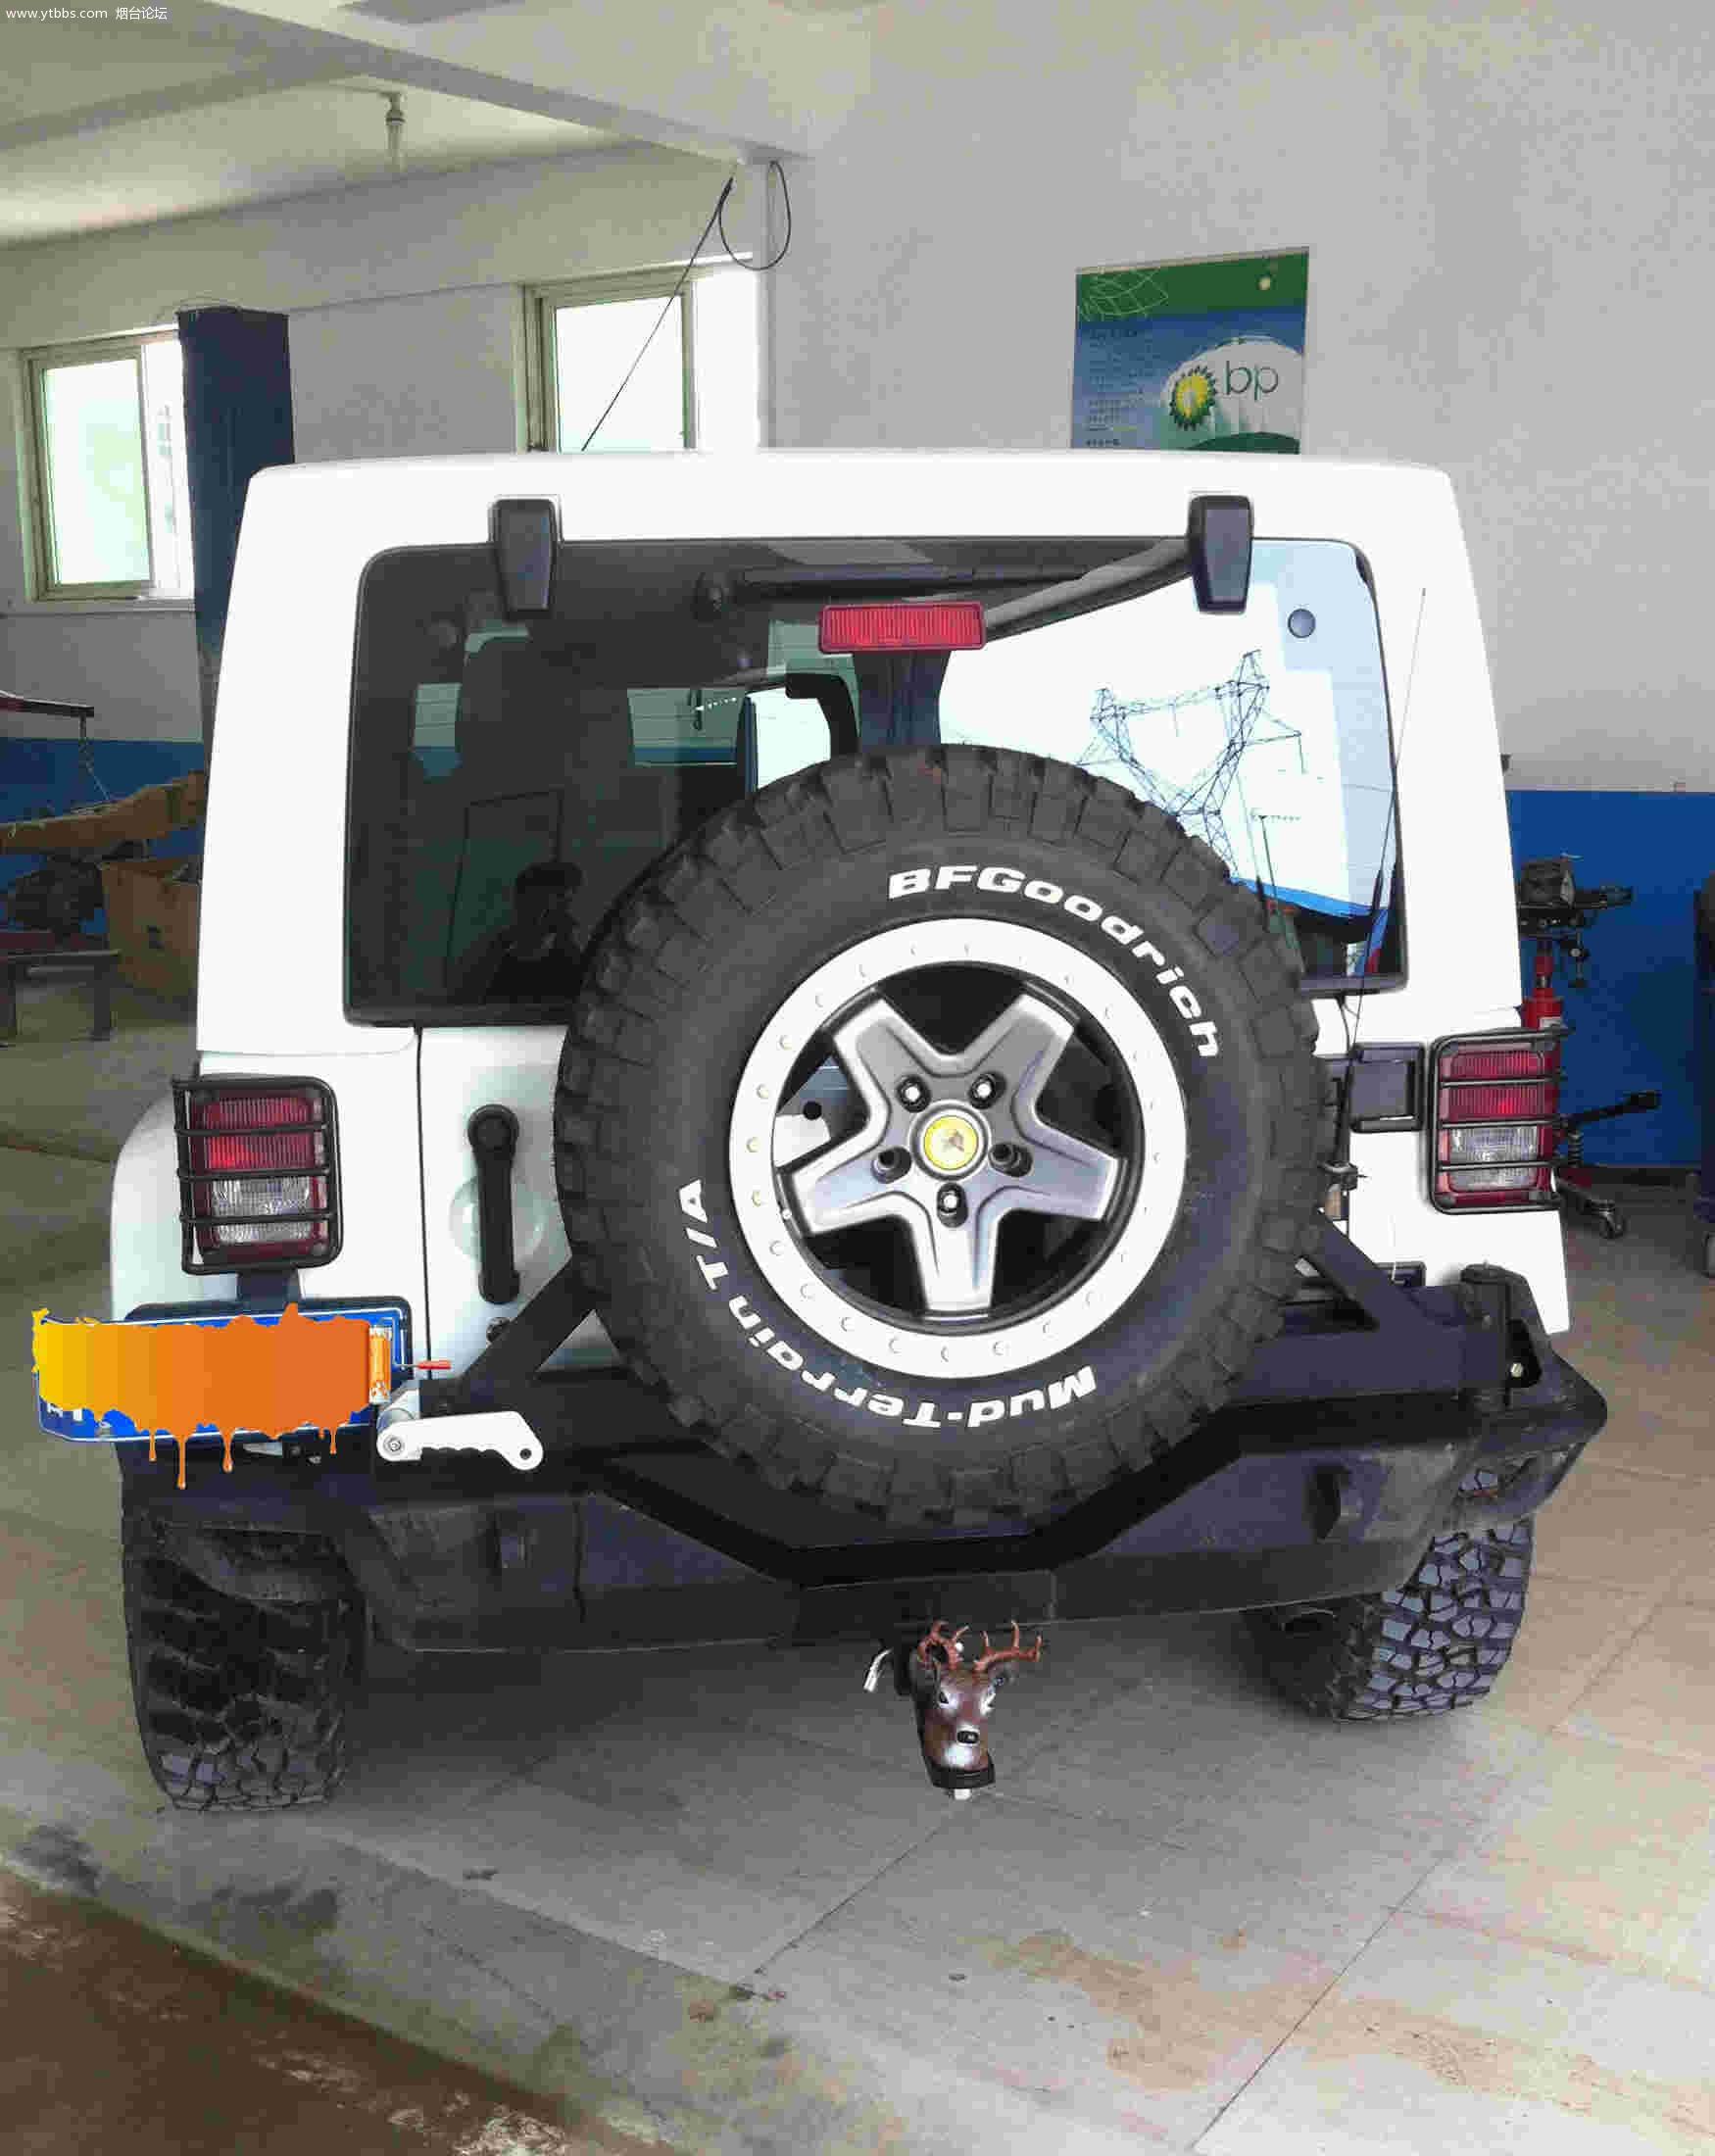 烟台论坛 烟台社区 烟台jeep越野俱乐部自己动手改装 j jeep高清图片